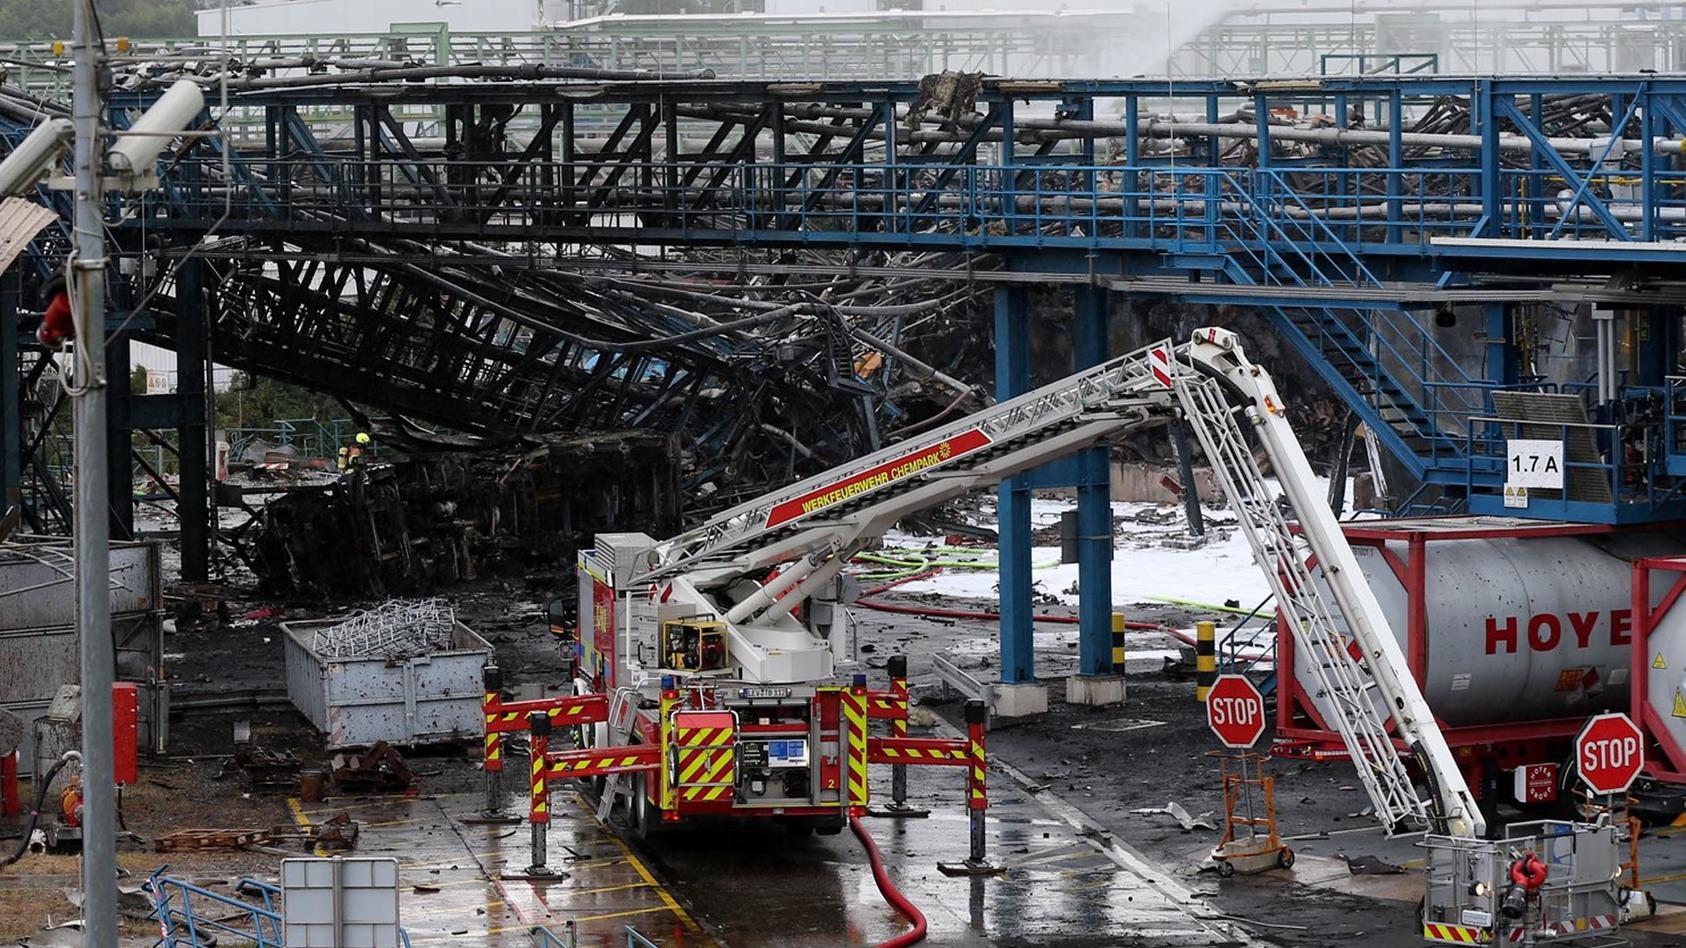 Nach der Explosion im Leverkusener Chempark wurde ein weiterer Toter gefunden.